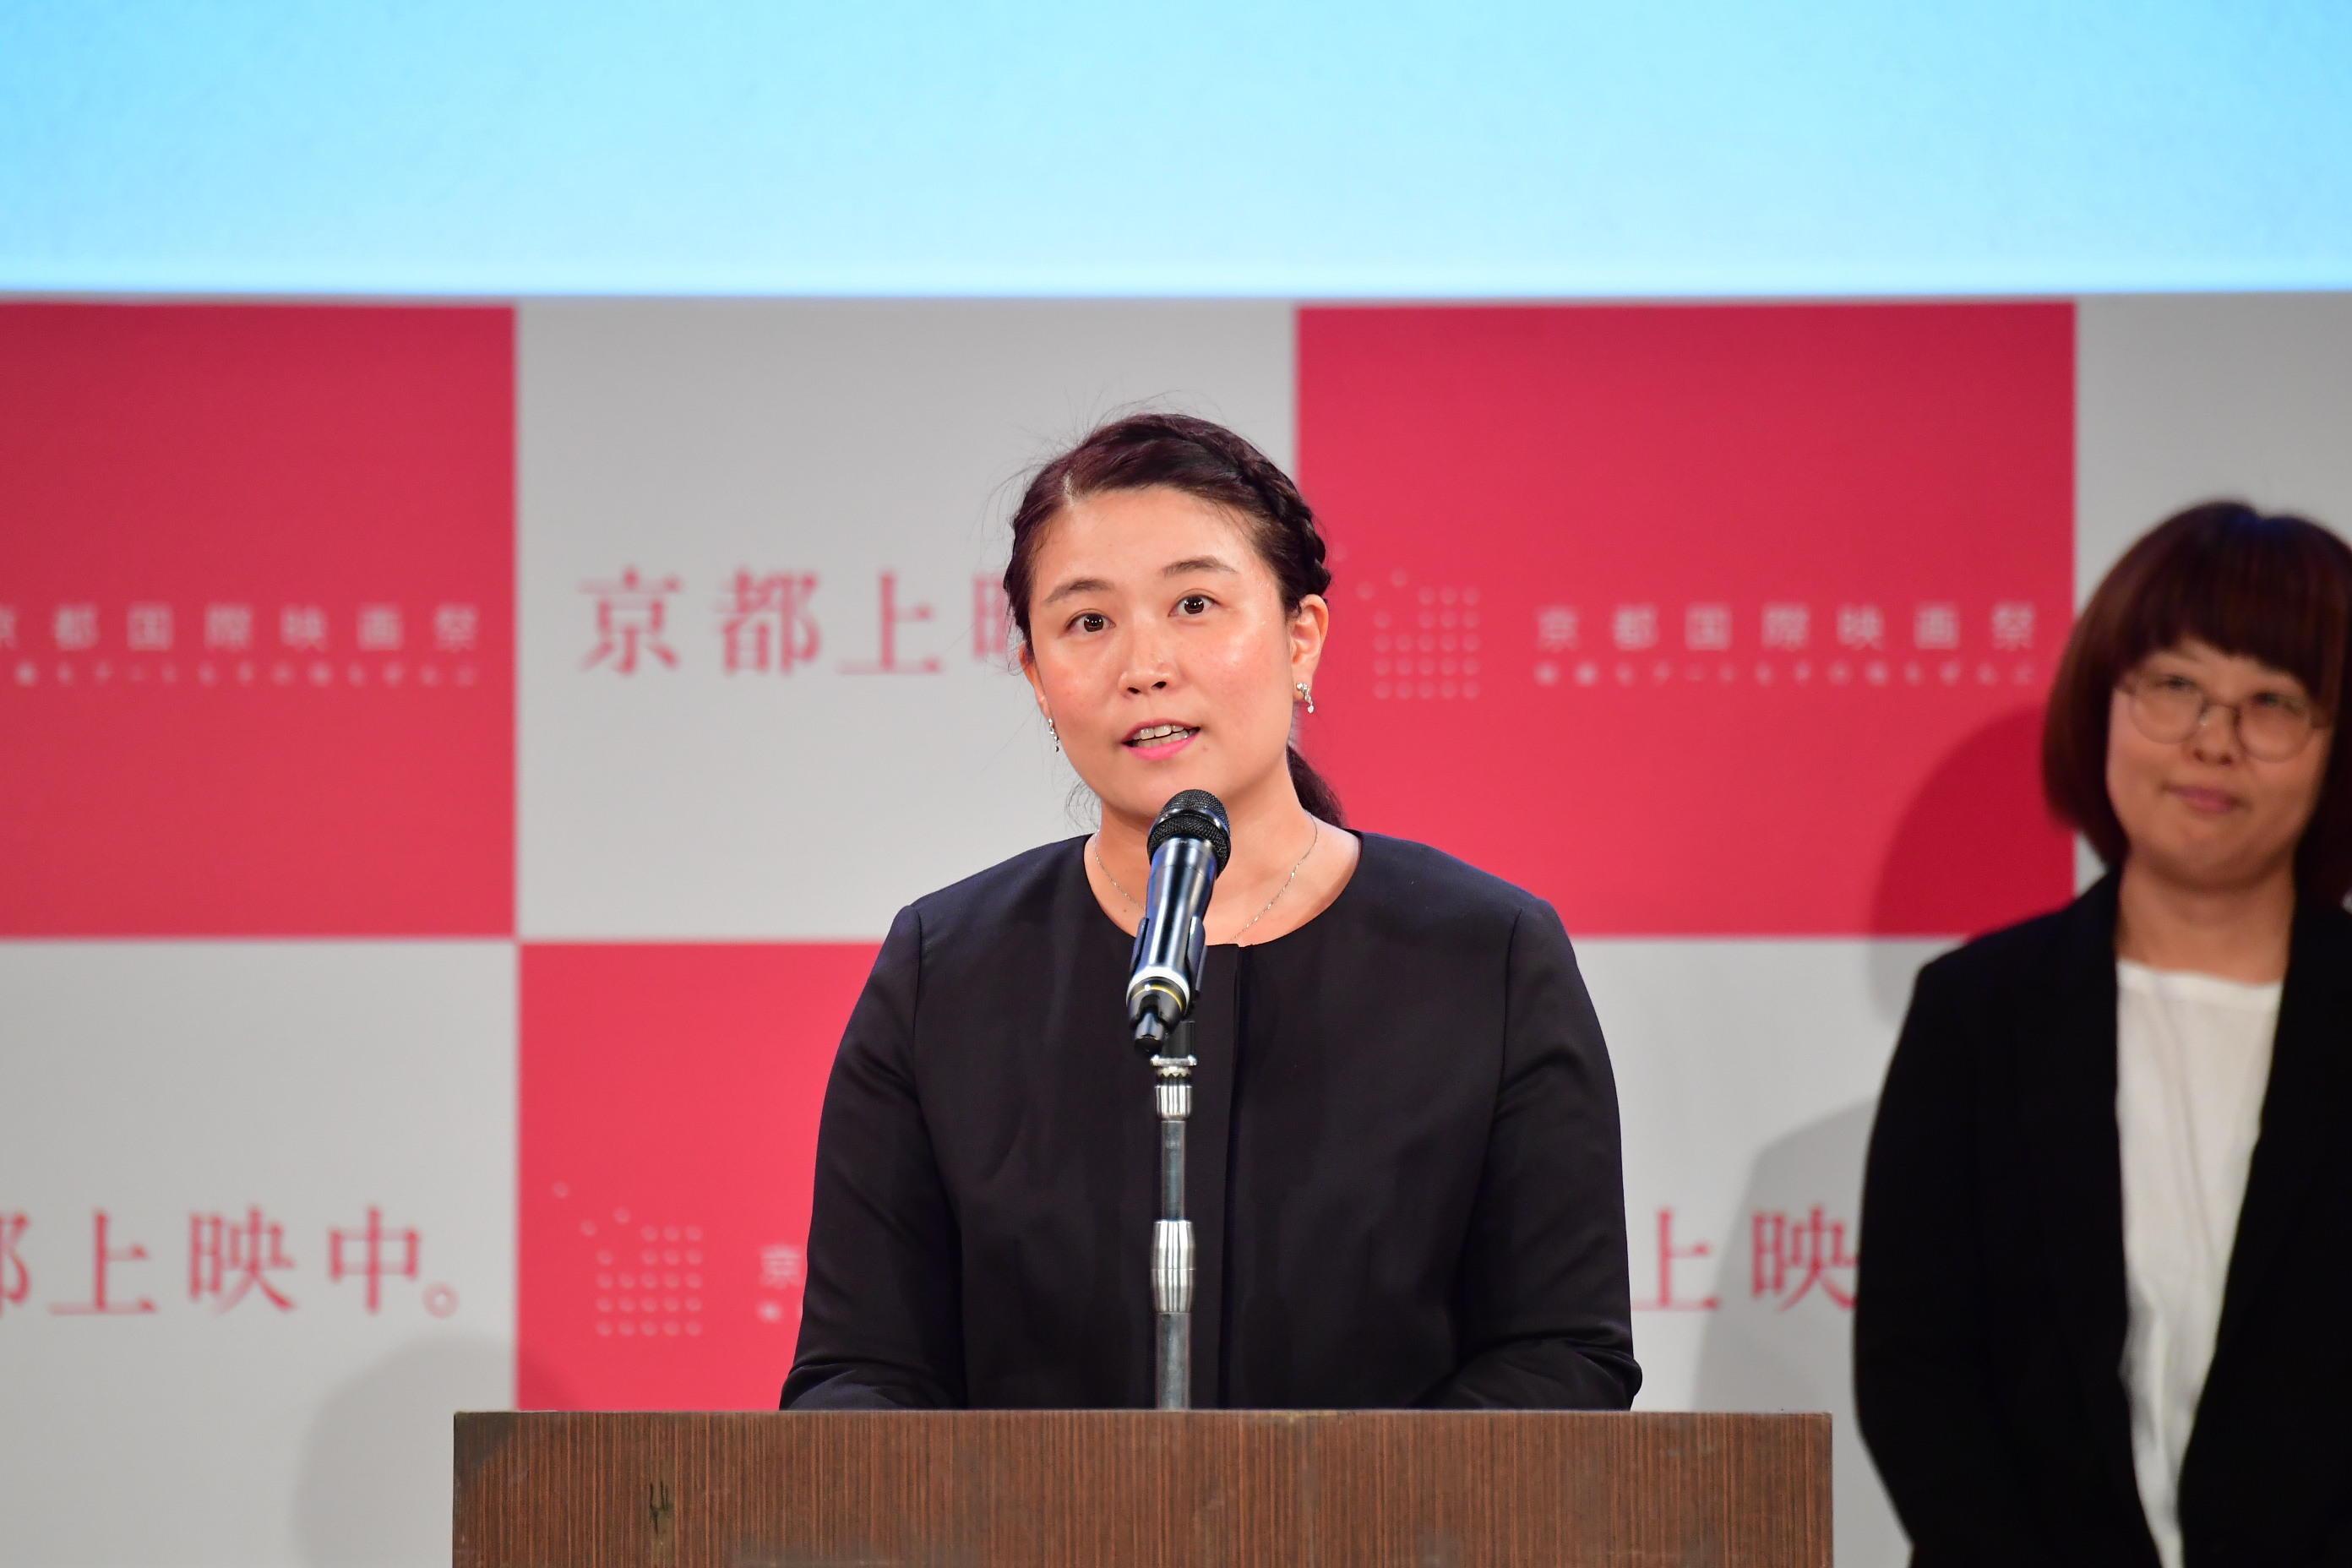 http://news.yoshimoto.co.jp/20180903234038-57cc72038ee284db85266c232d9f1e6850dd814d.jpg